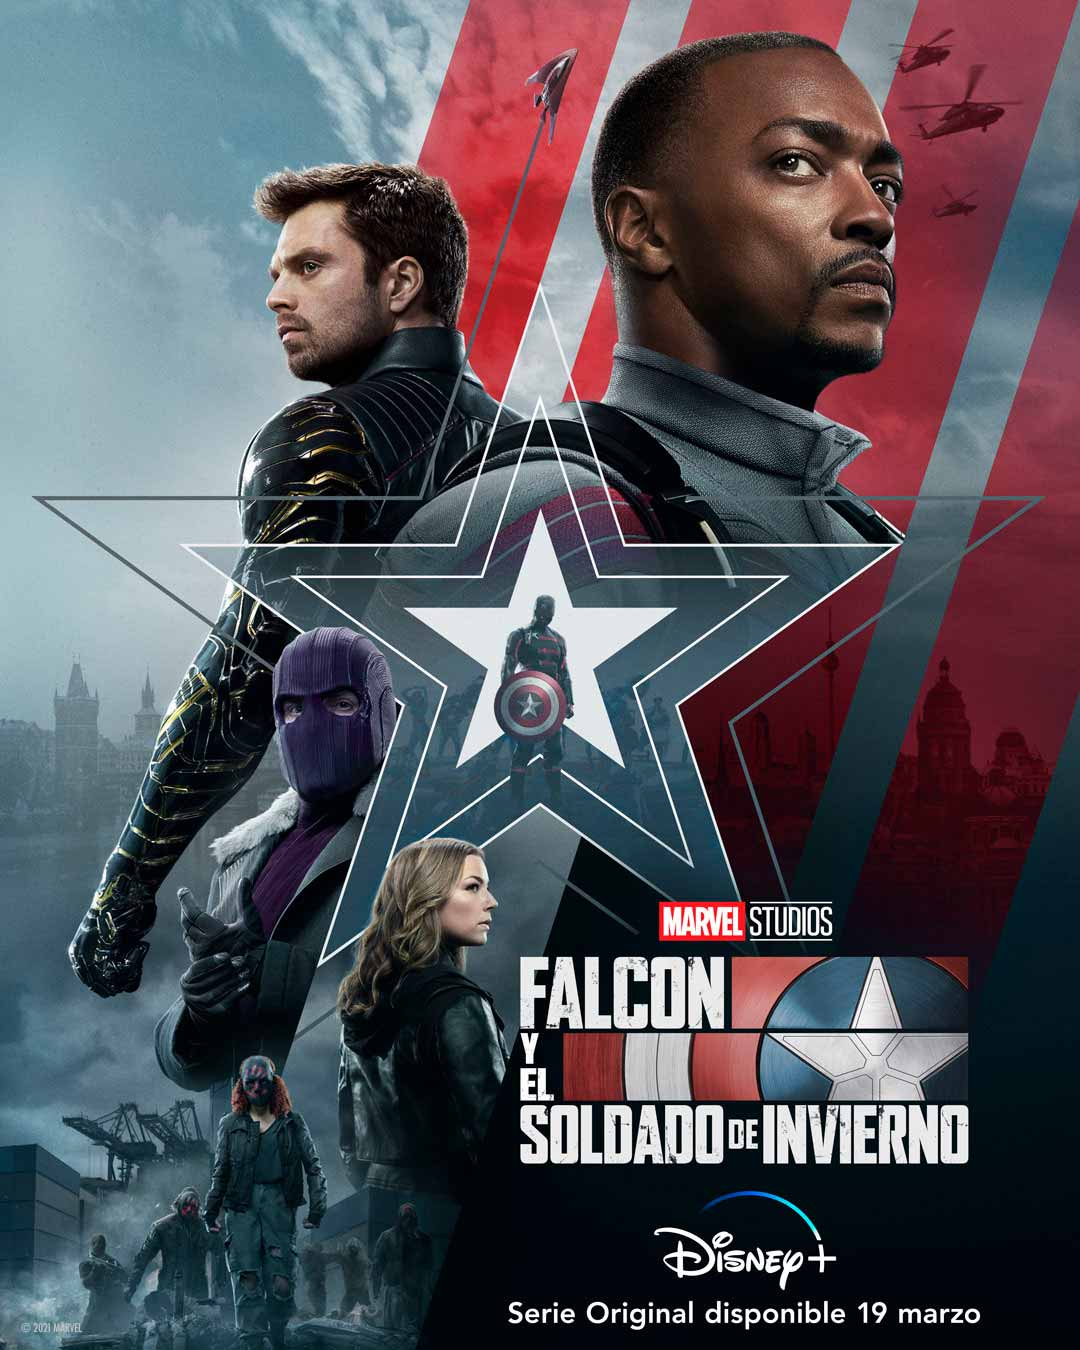 Falcon y el Soldado de invierno (2021) - Sinopsis, tráiler, noticias